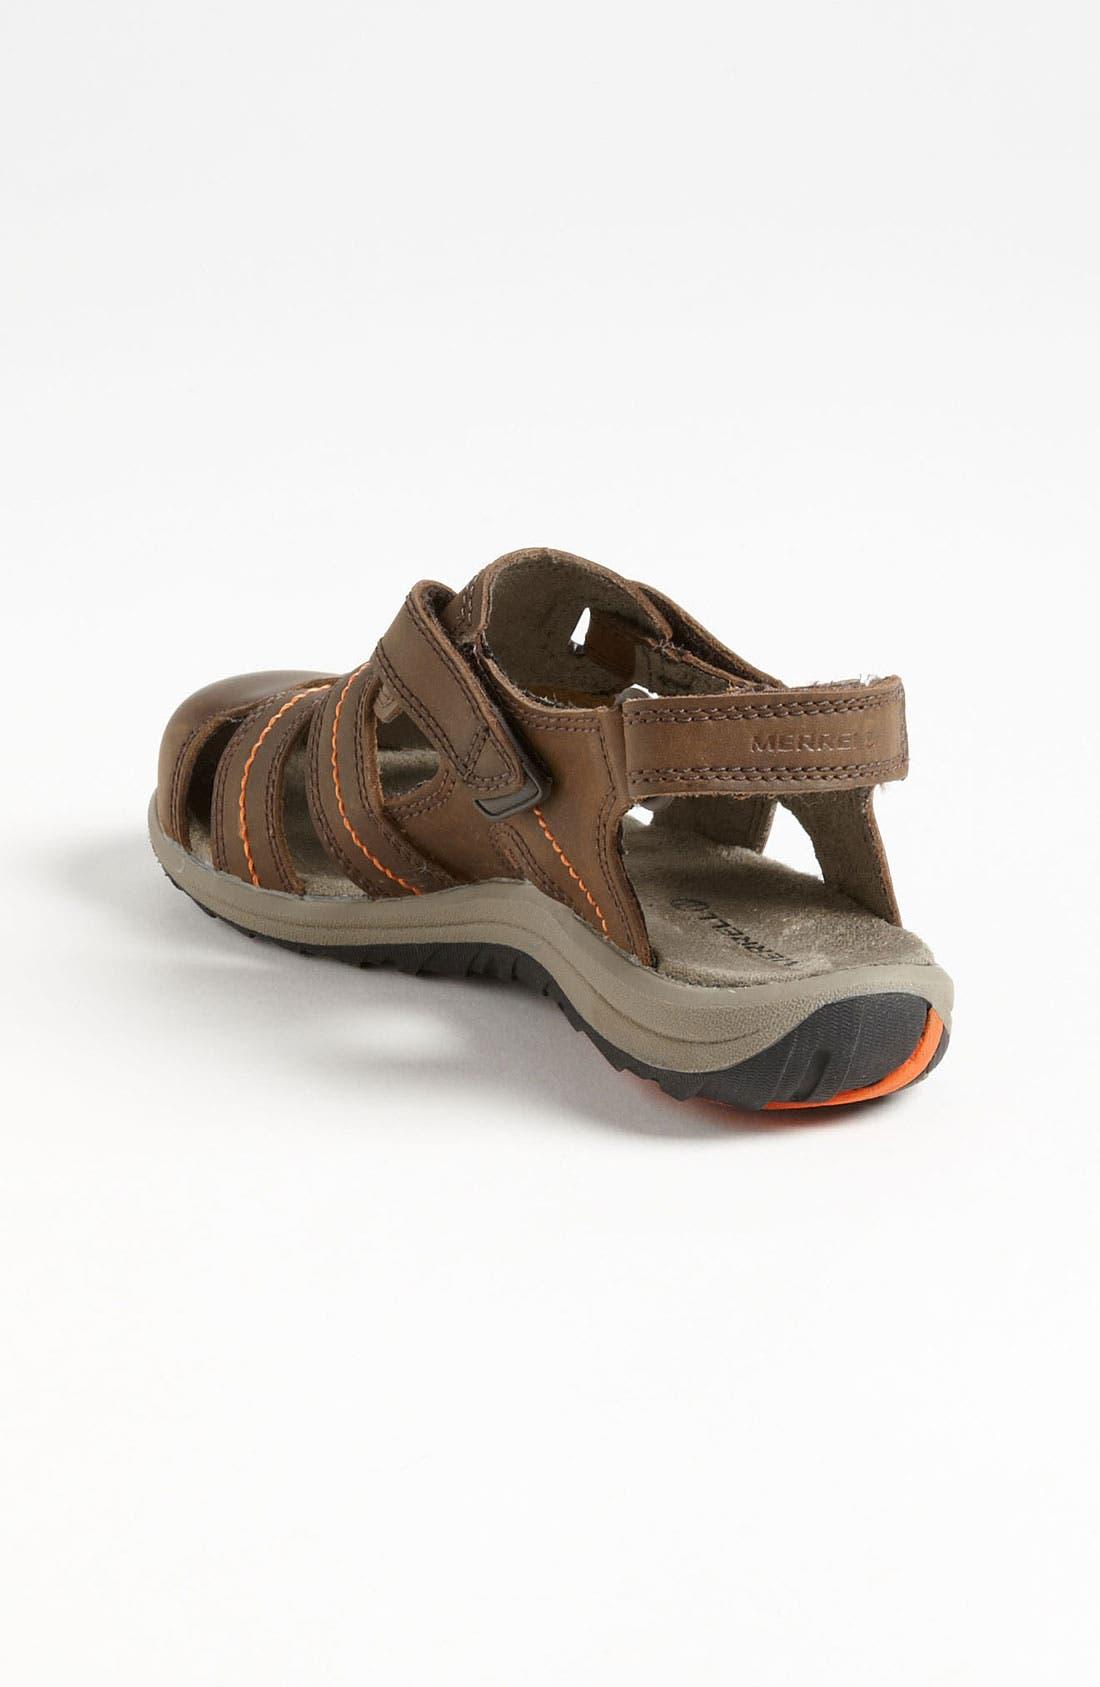 Alternate Image 2  - Merrell 'Sidekick Deck' Sandal (Toddler, Little Kid & Big Kid)